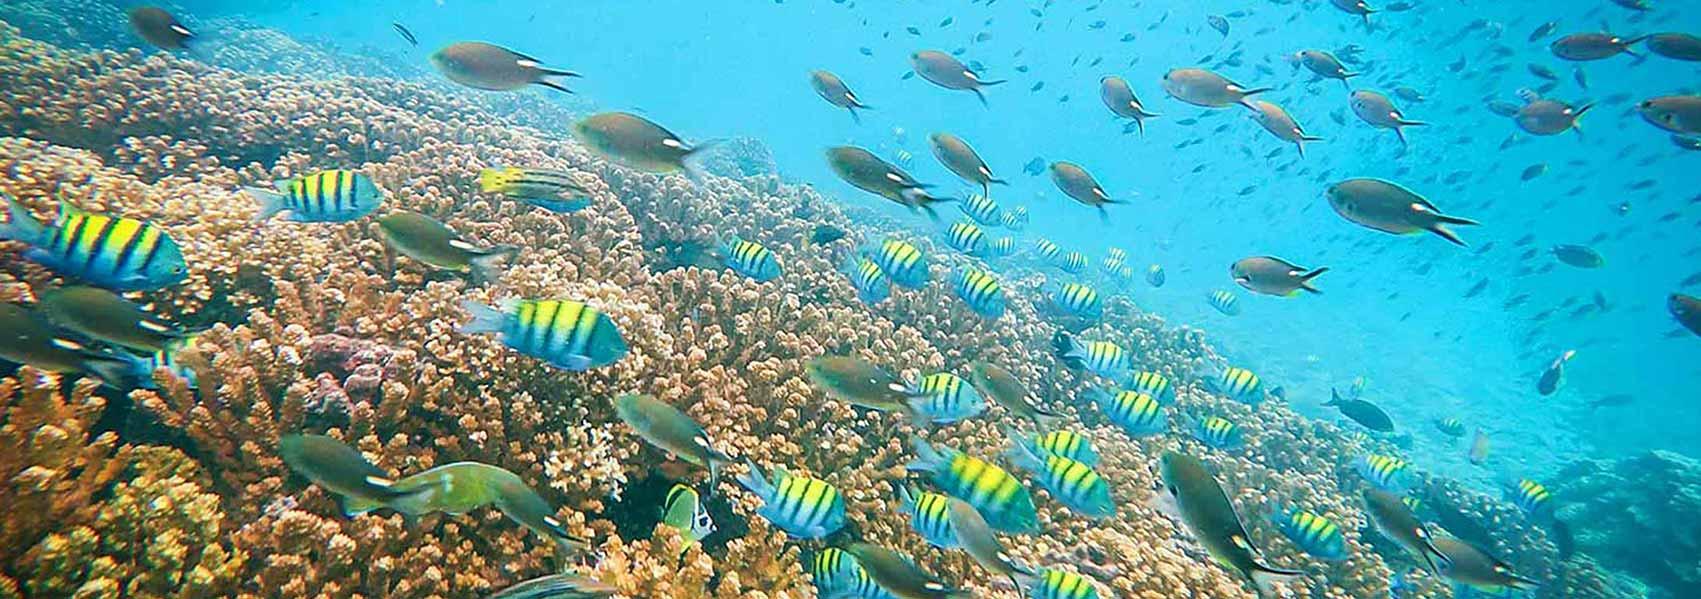 Cla_Mia_Homepage_slider_fishes3